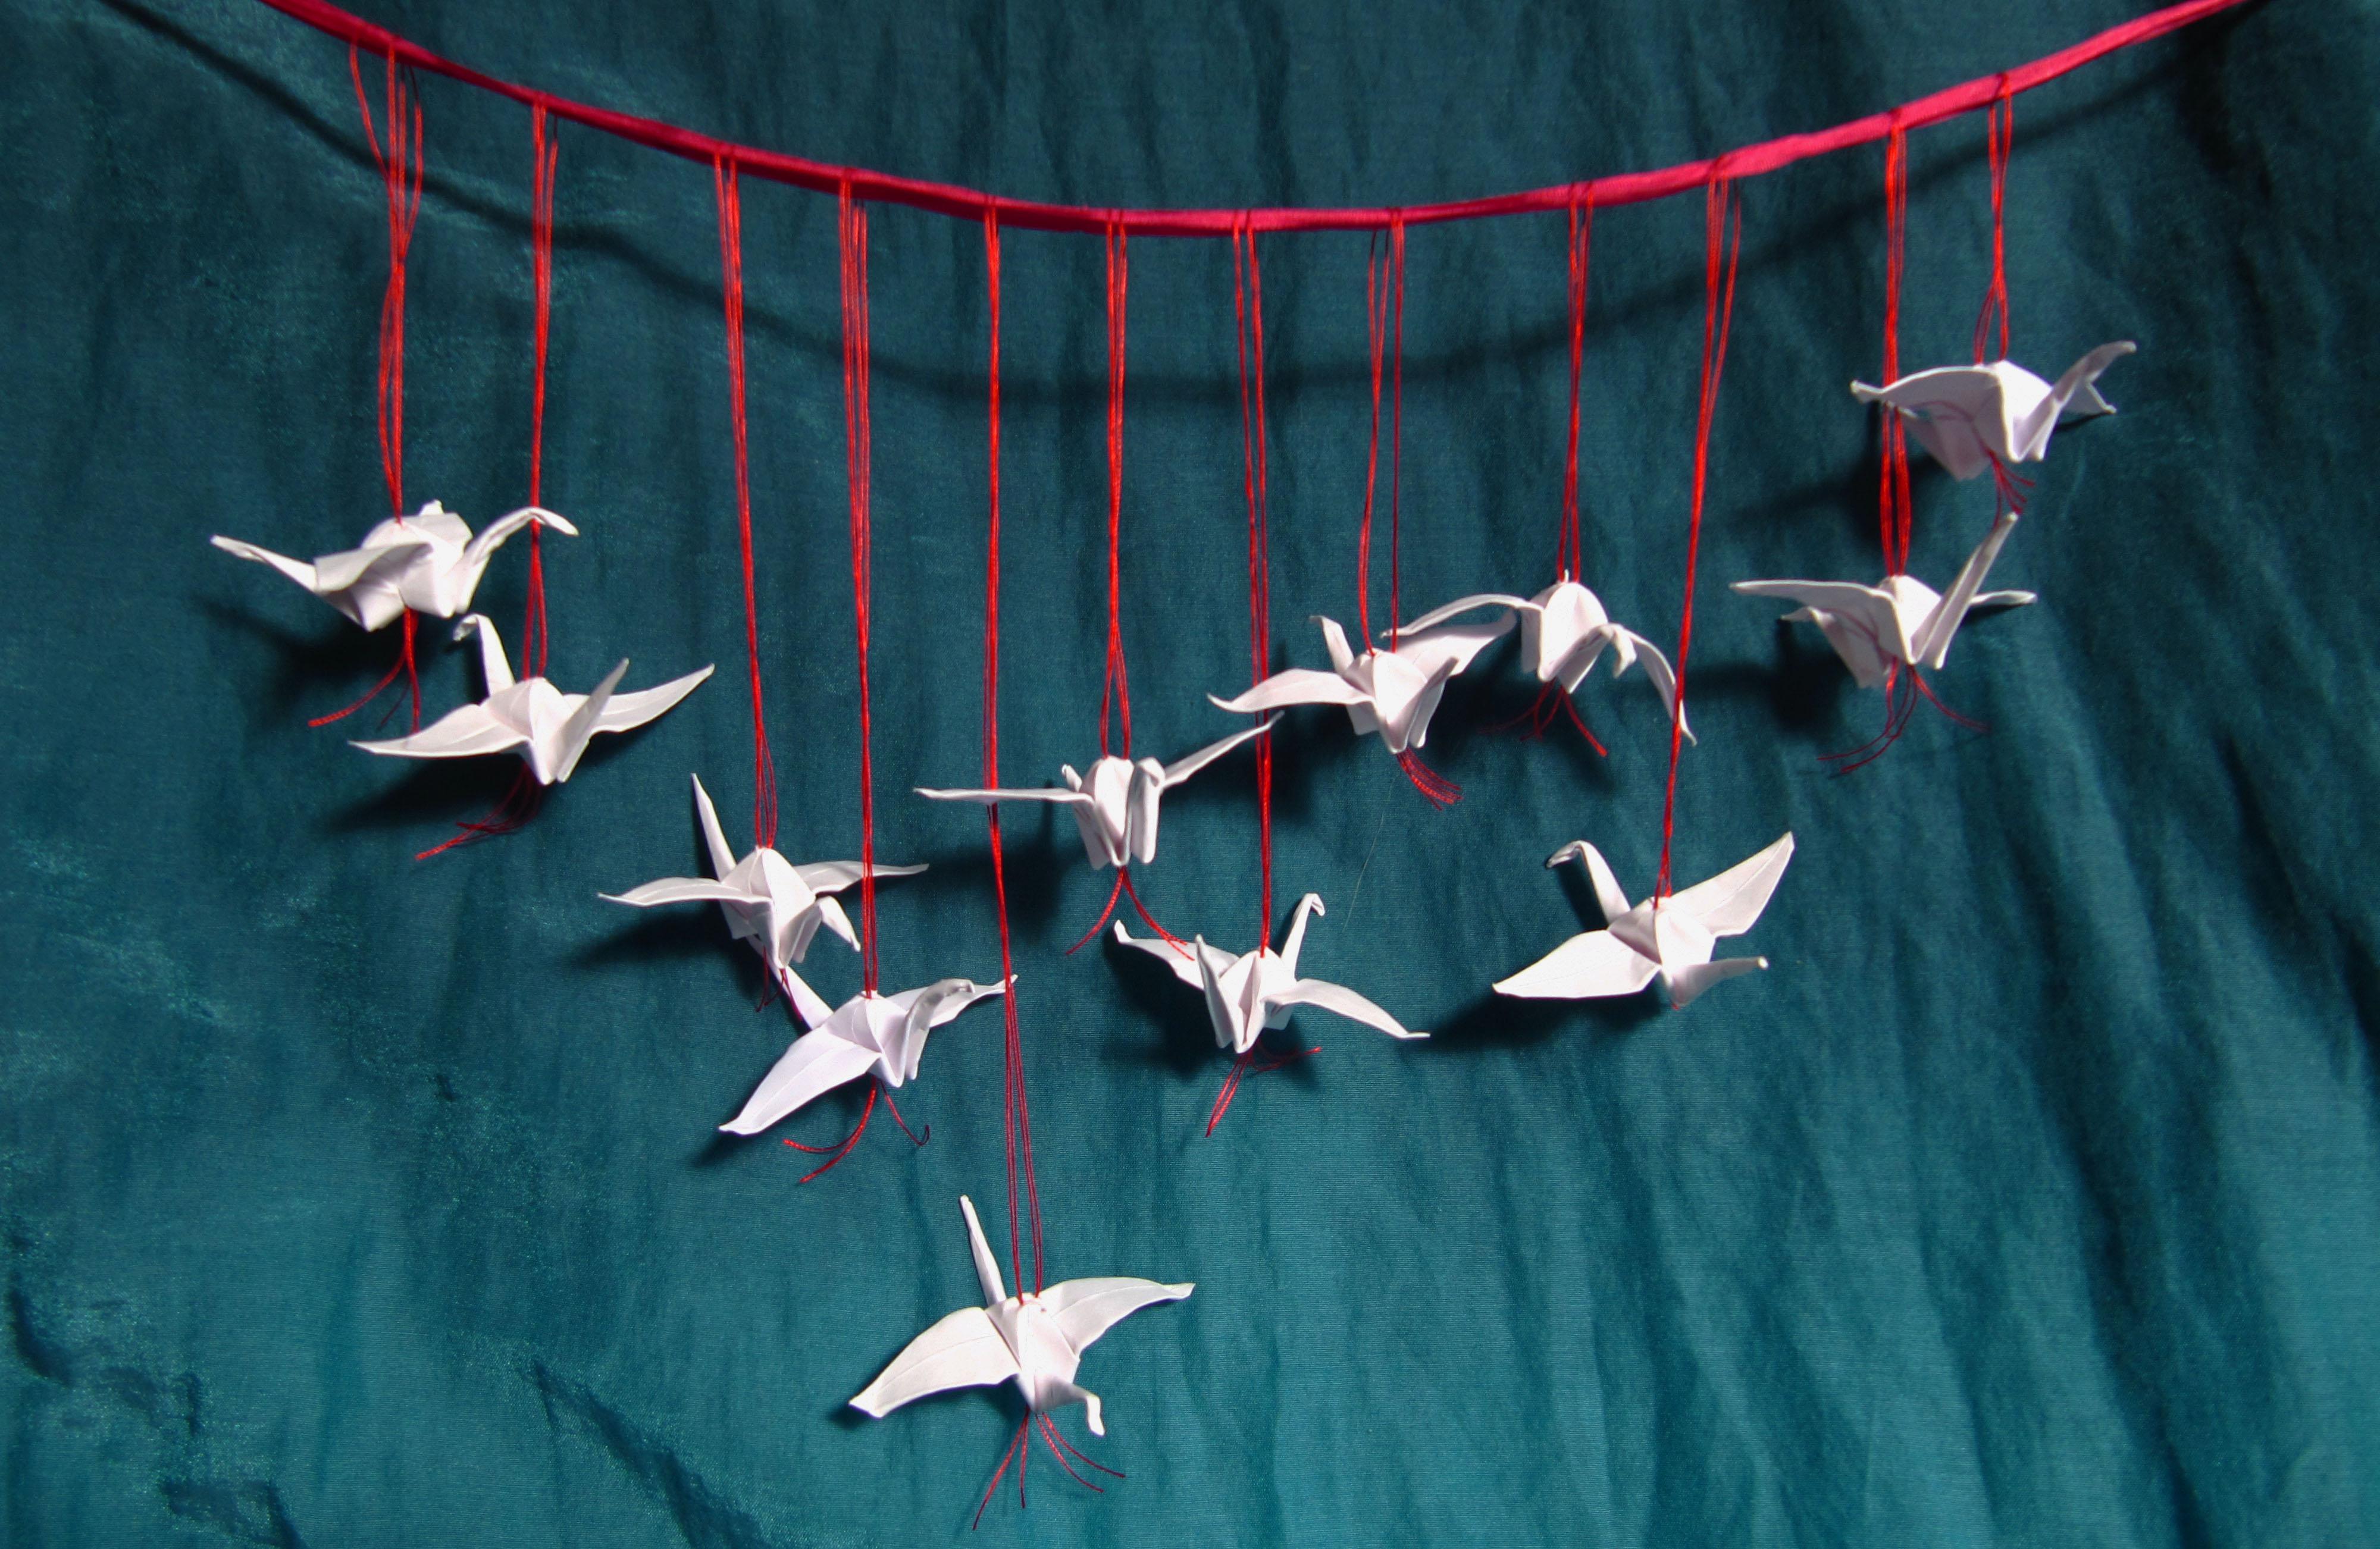 Twelve Tiny Soaring Cranes A Woman A Day